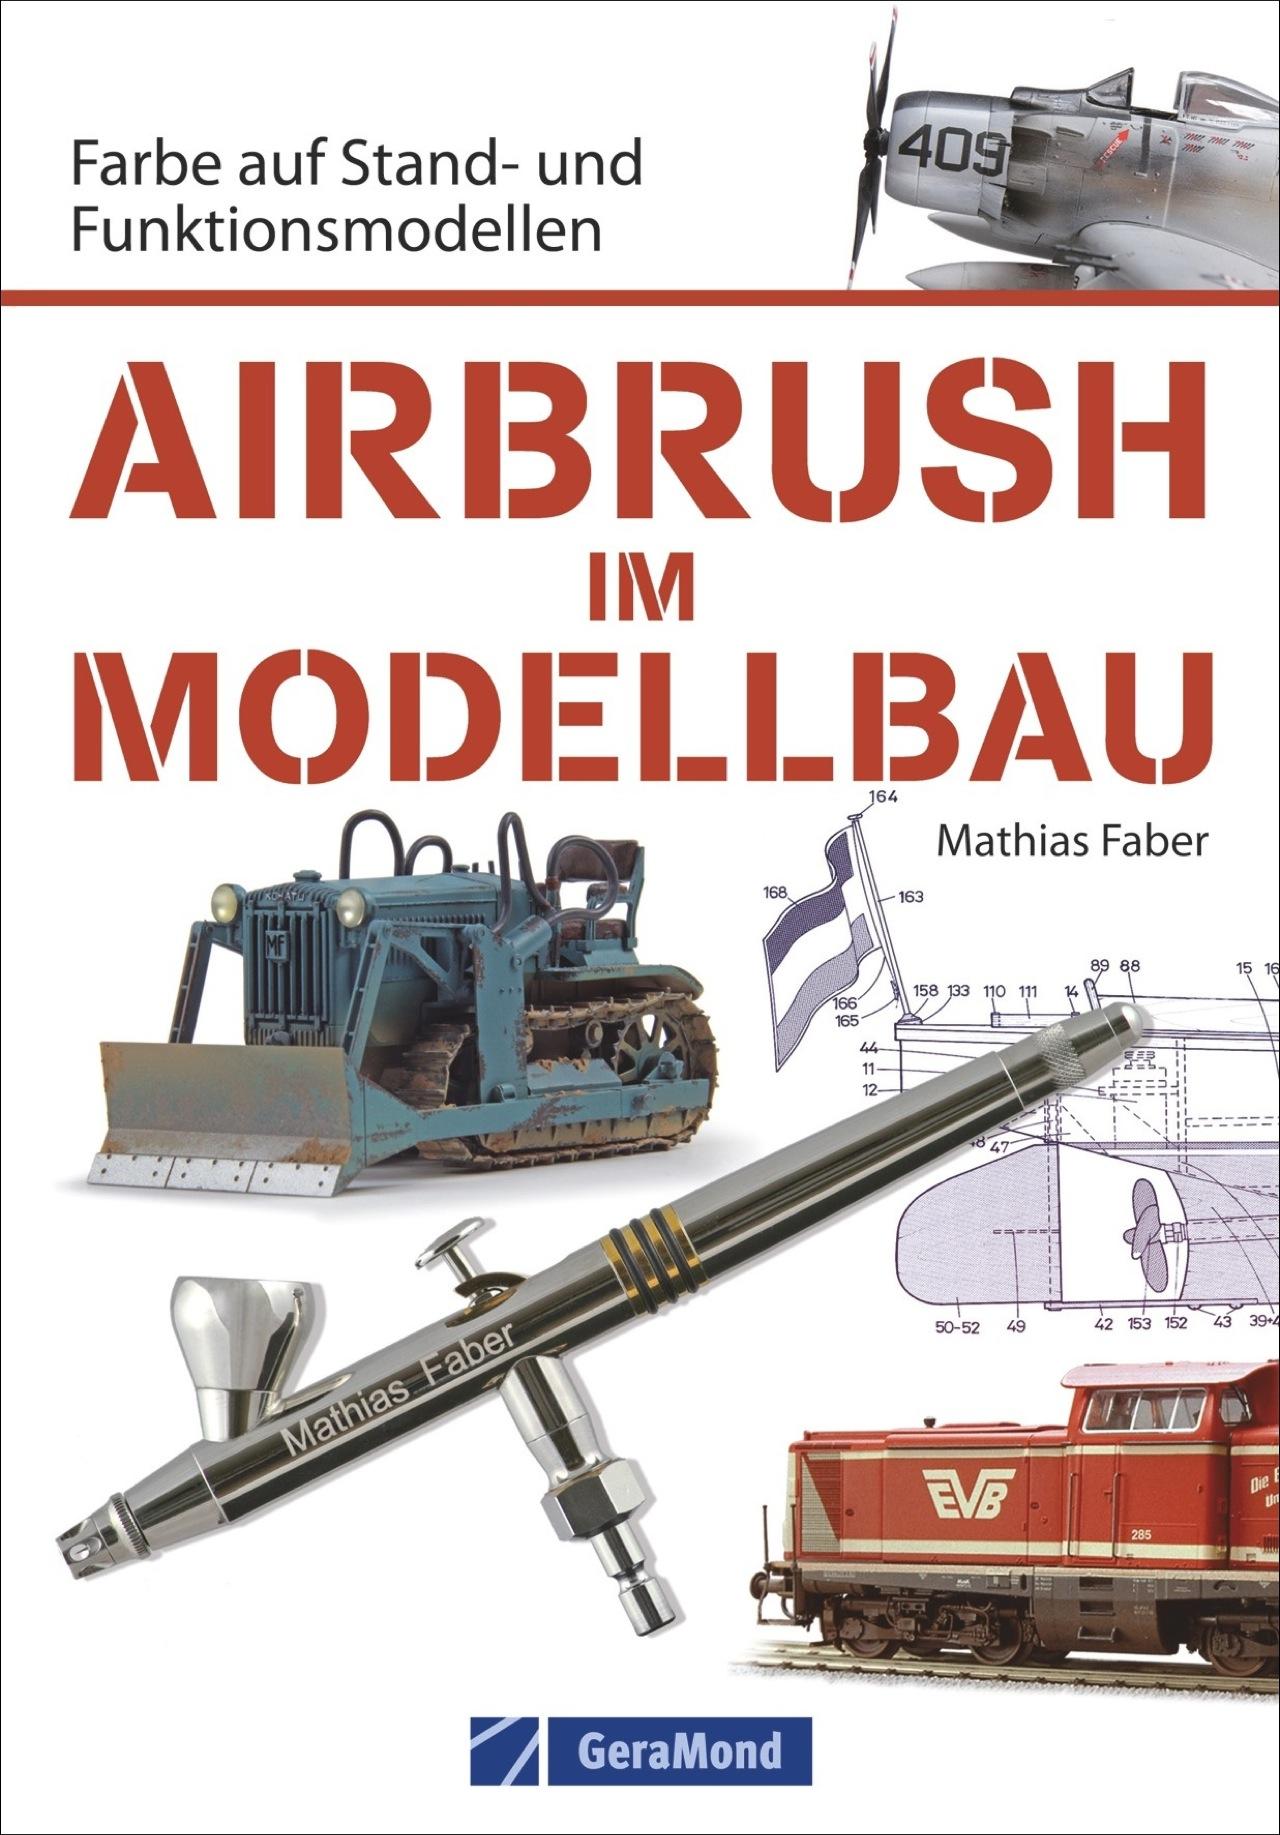 Airbrush Modellbau: Farbe auf Stand- und Funkti...